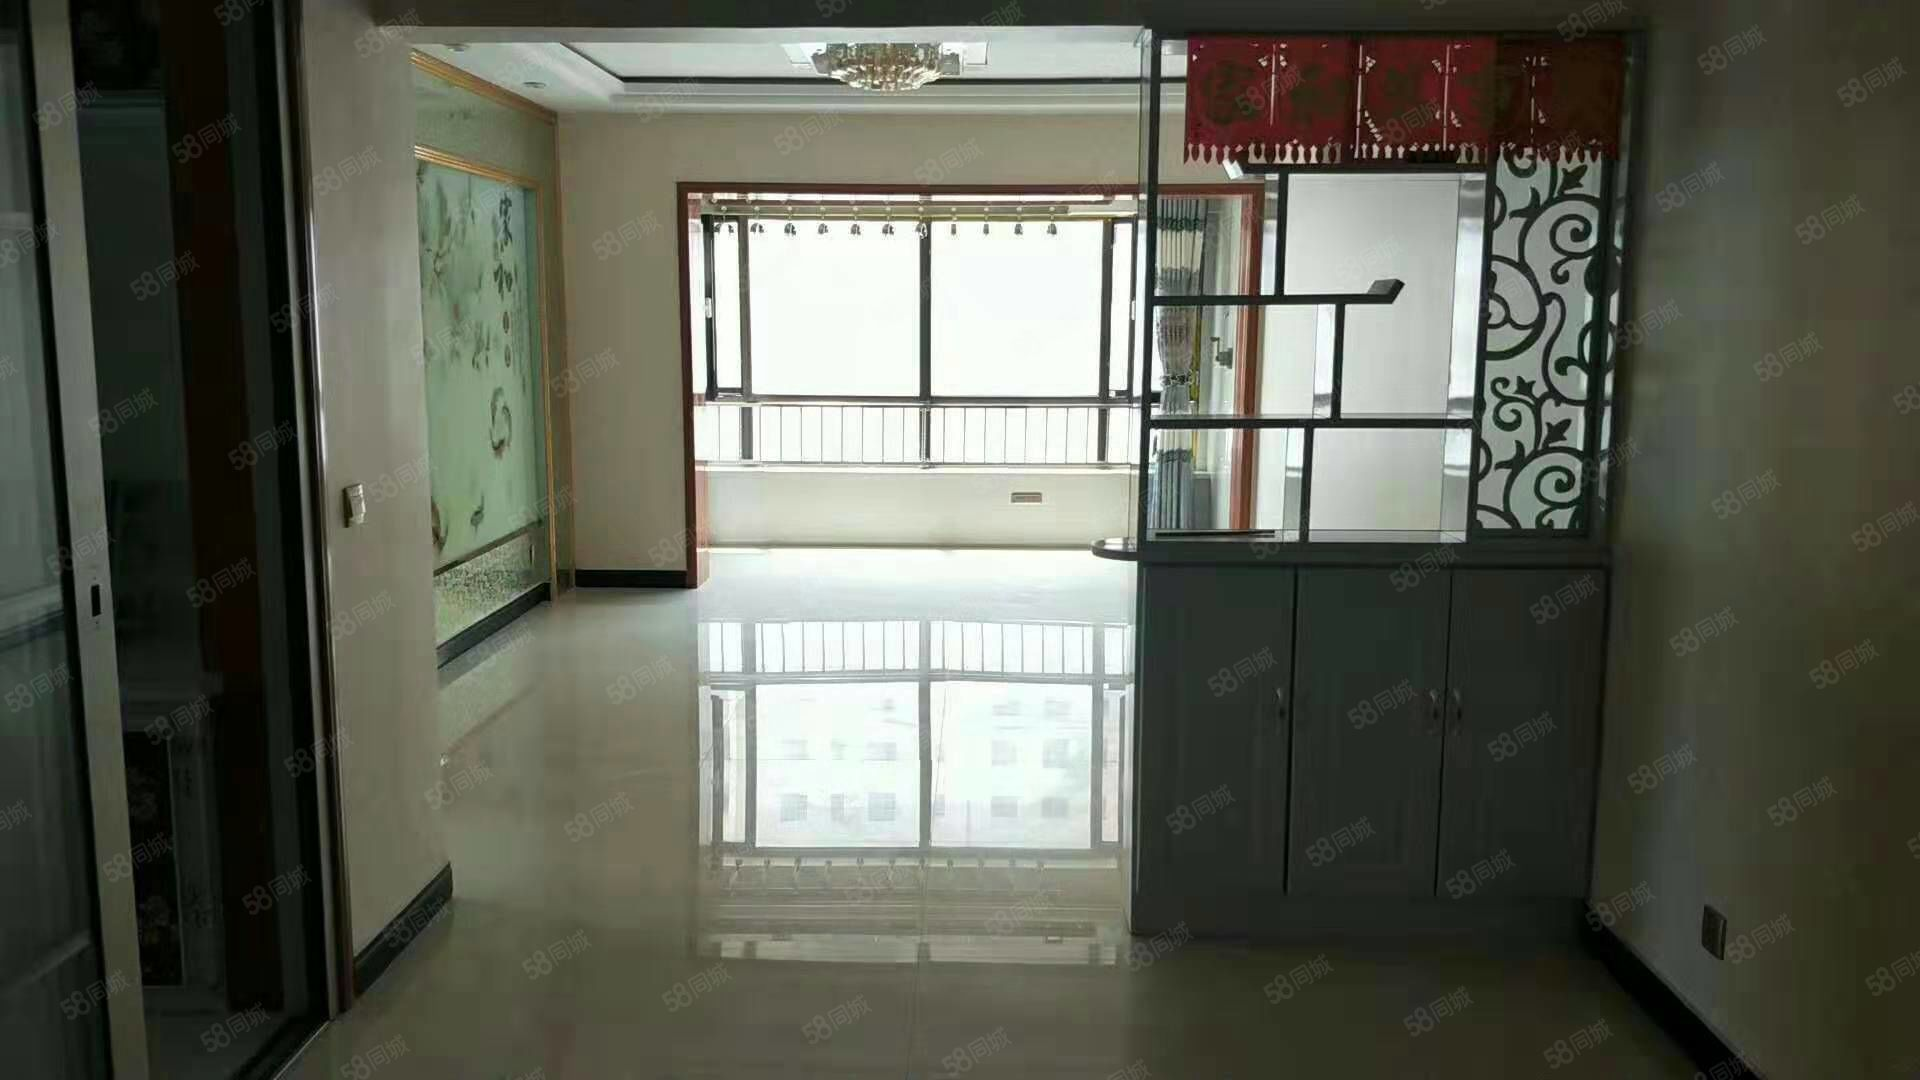 宋園新村,精裝2居室,家具齊全,拎包入住,冰箱,洗衣機應有盡